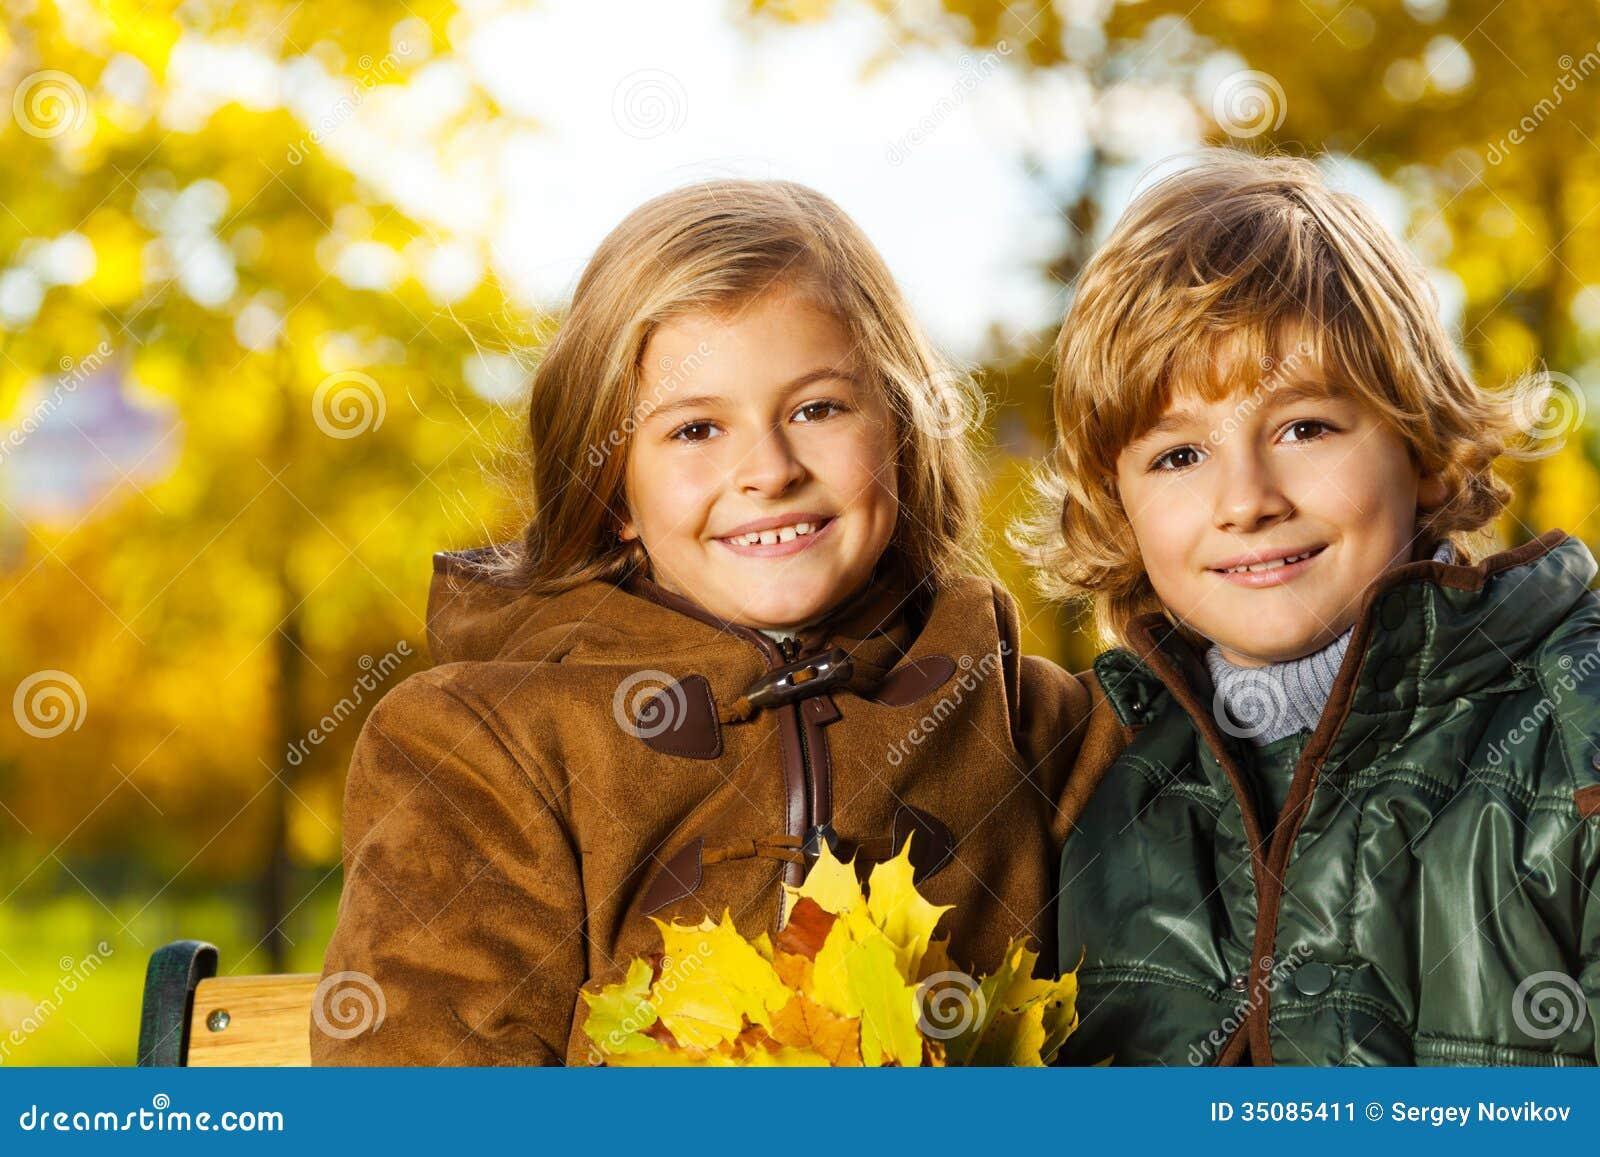 С сестрой мальчика 6 фотография